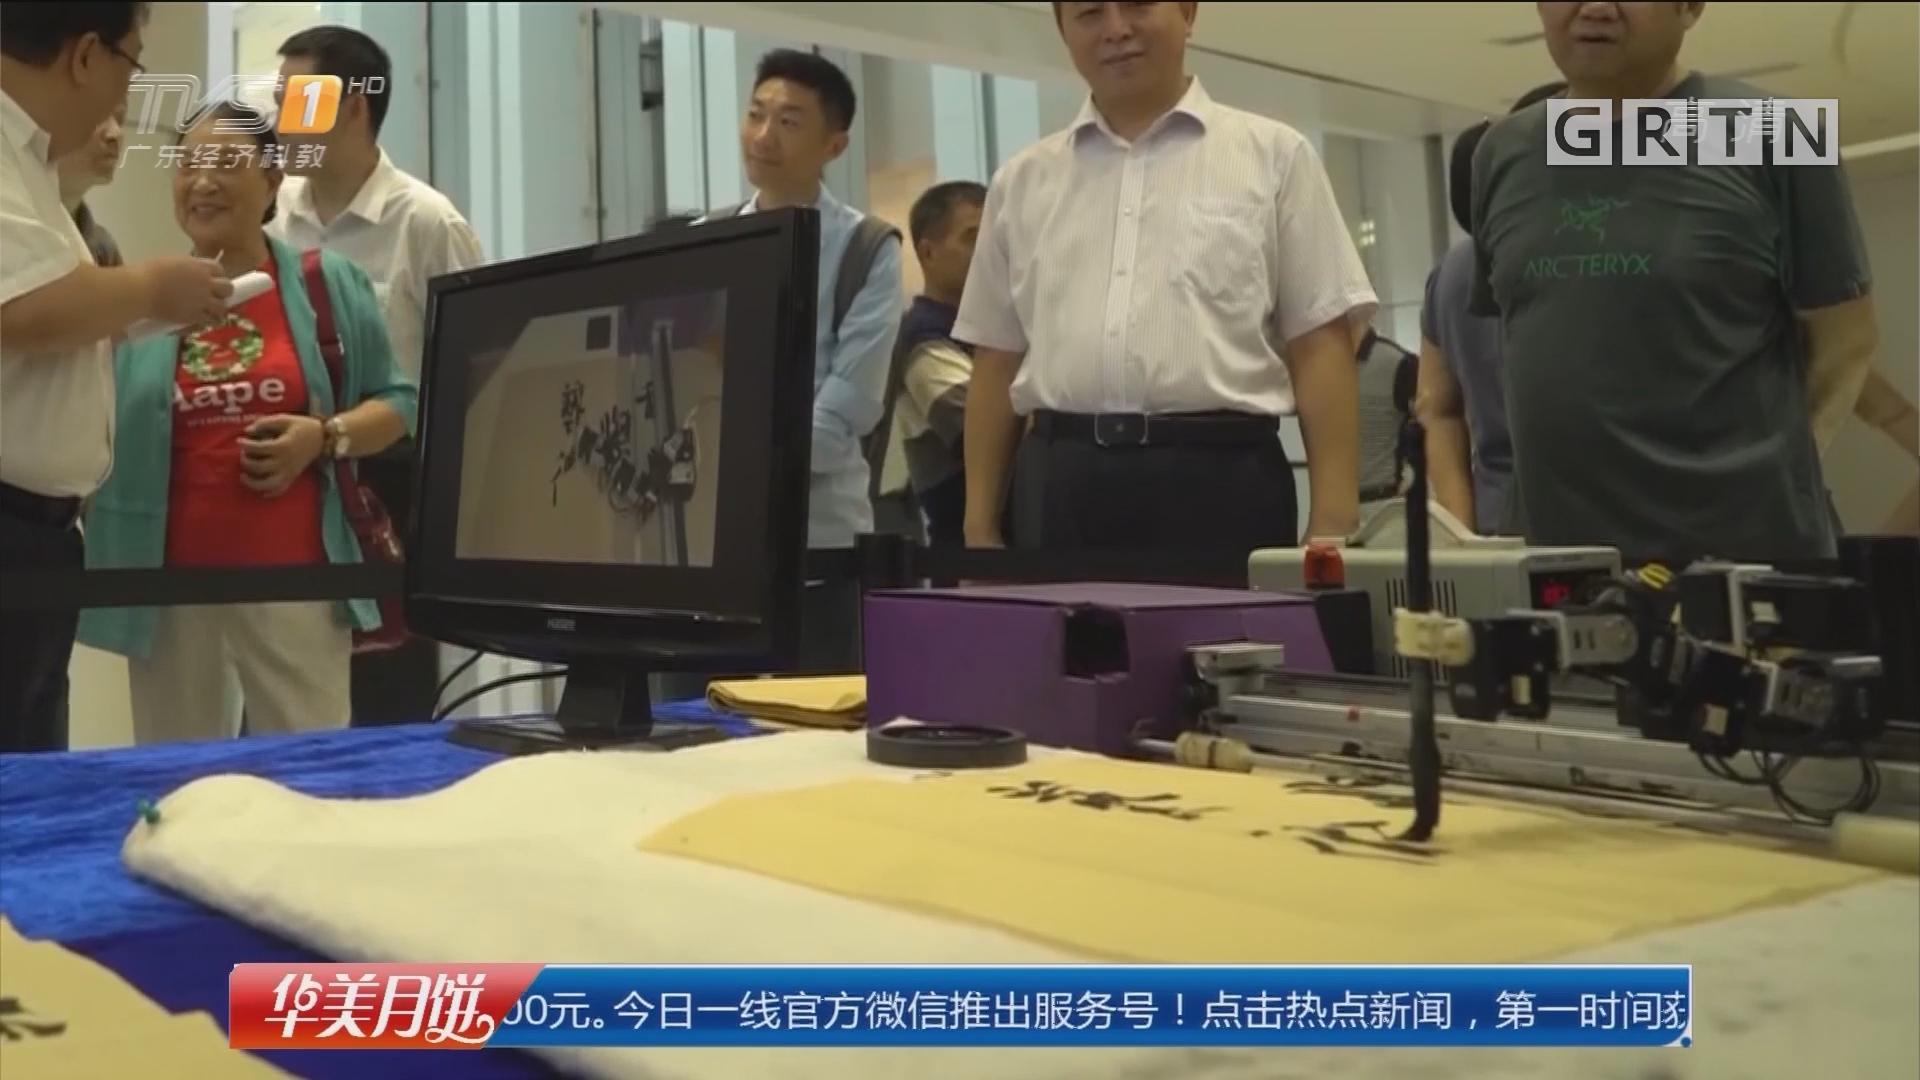 深圳福田:机器人毛笔写字 融合历史与未来